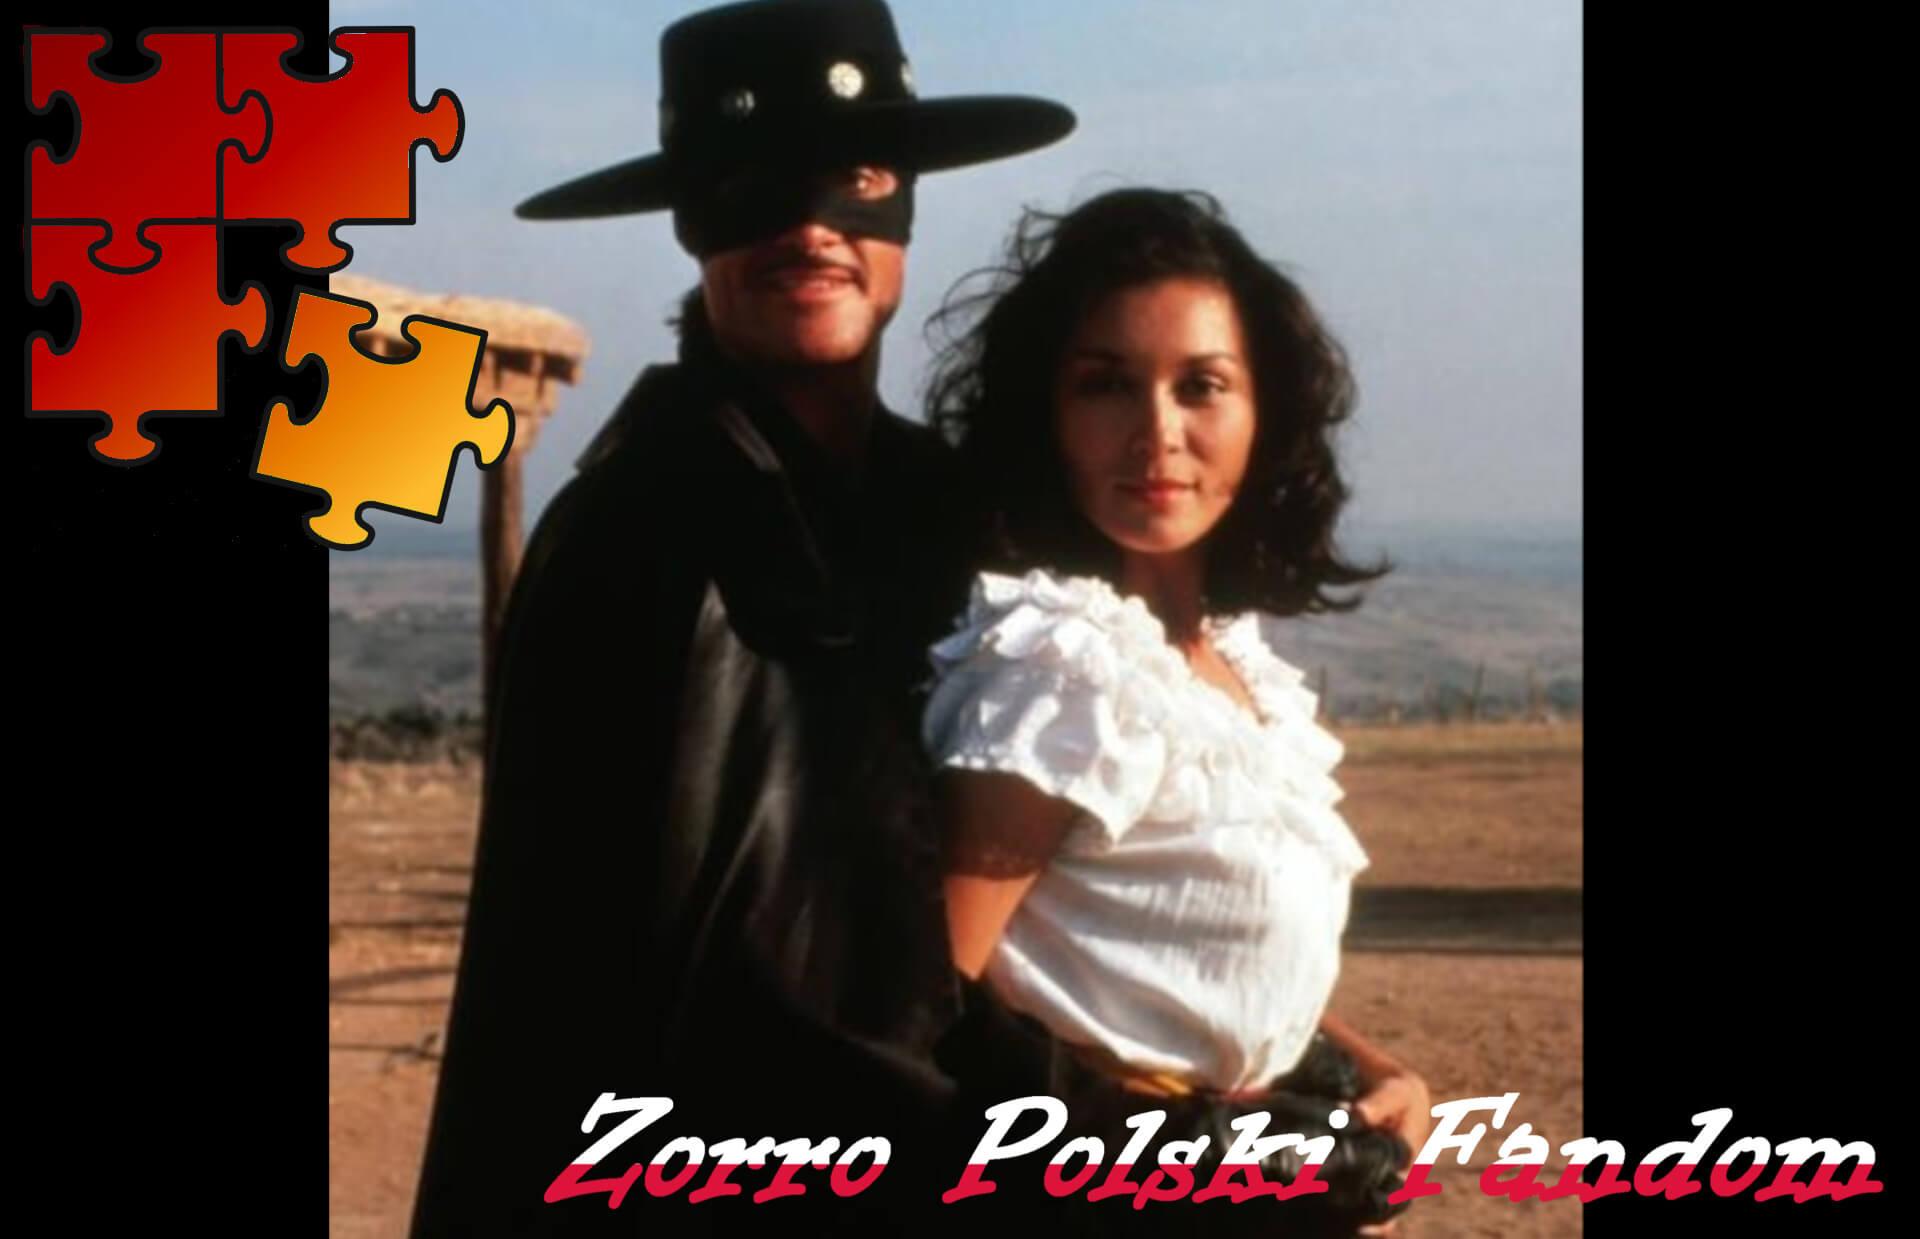 Jigsaw Puzzle Zorro New World Zorro - Zorro i Victoria PL